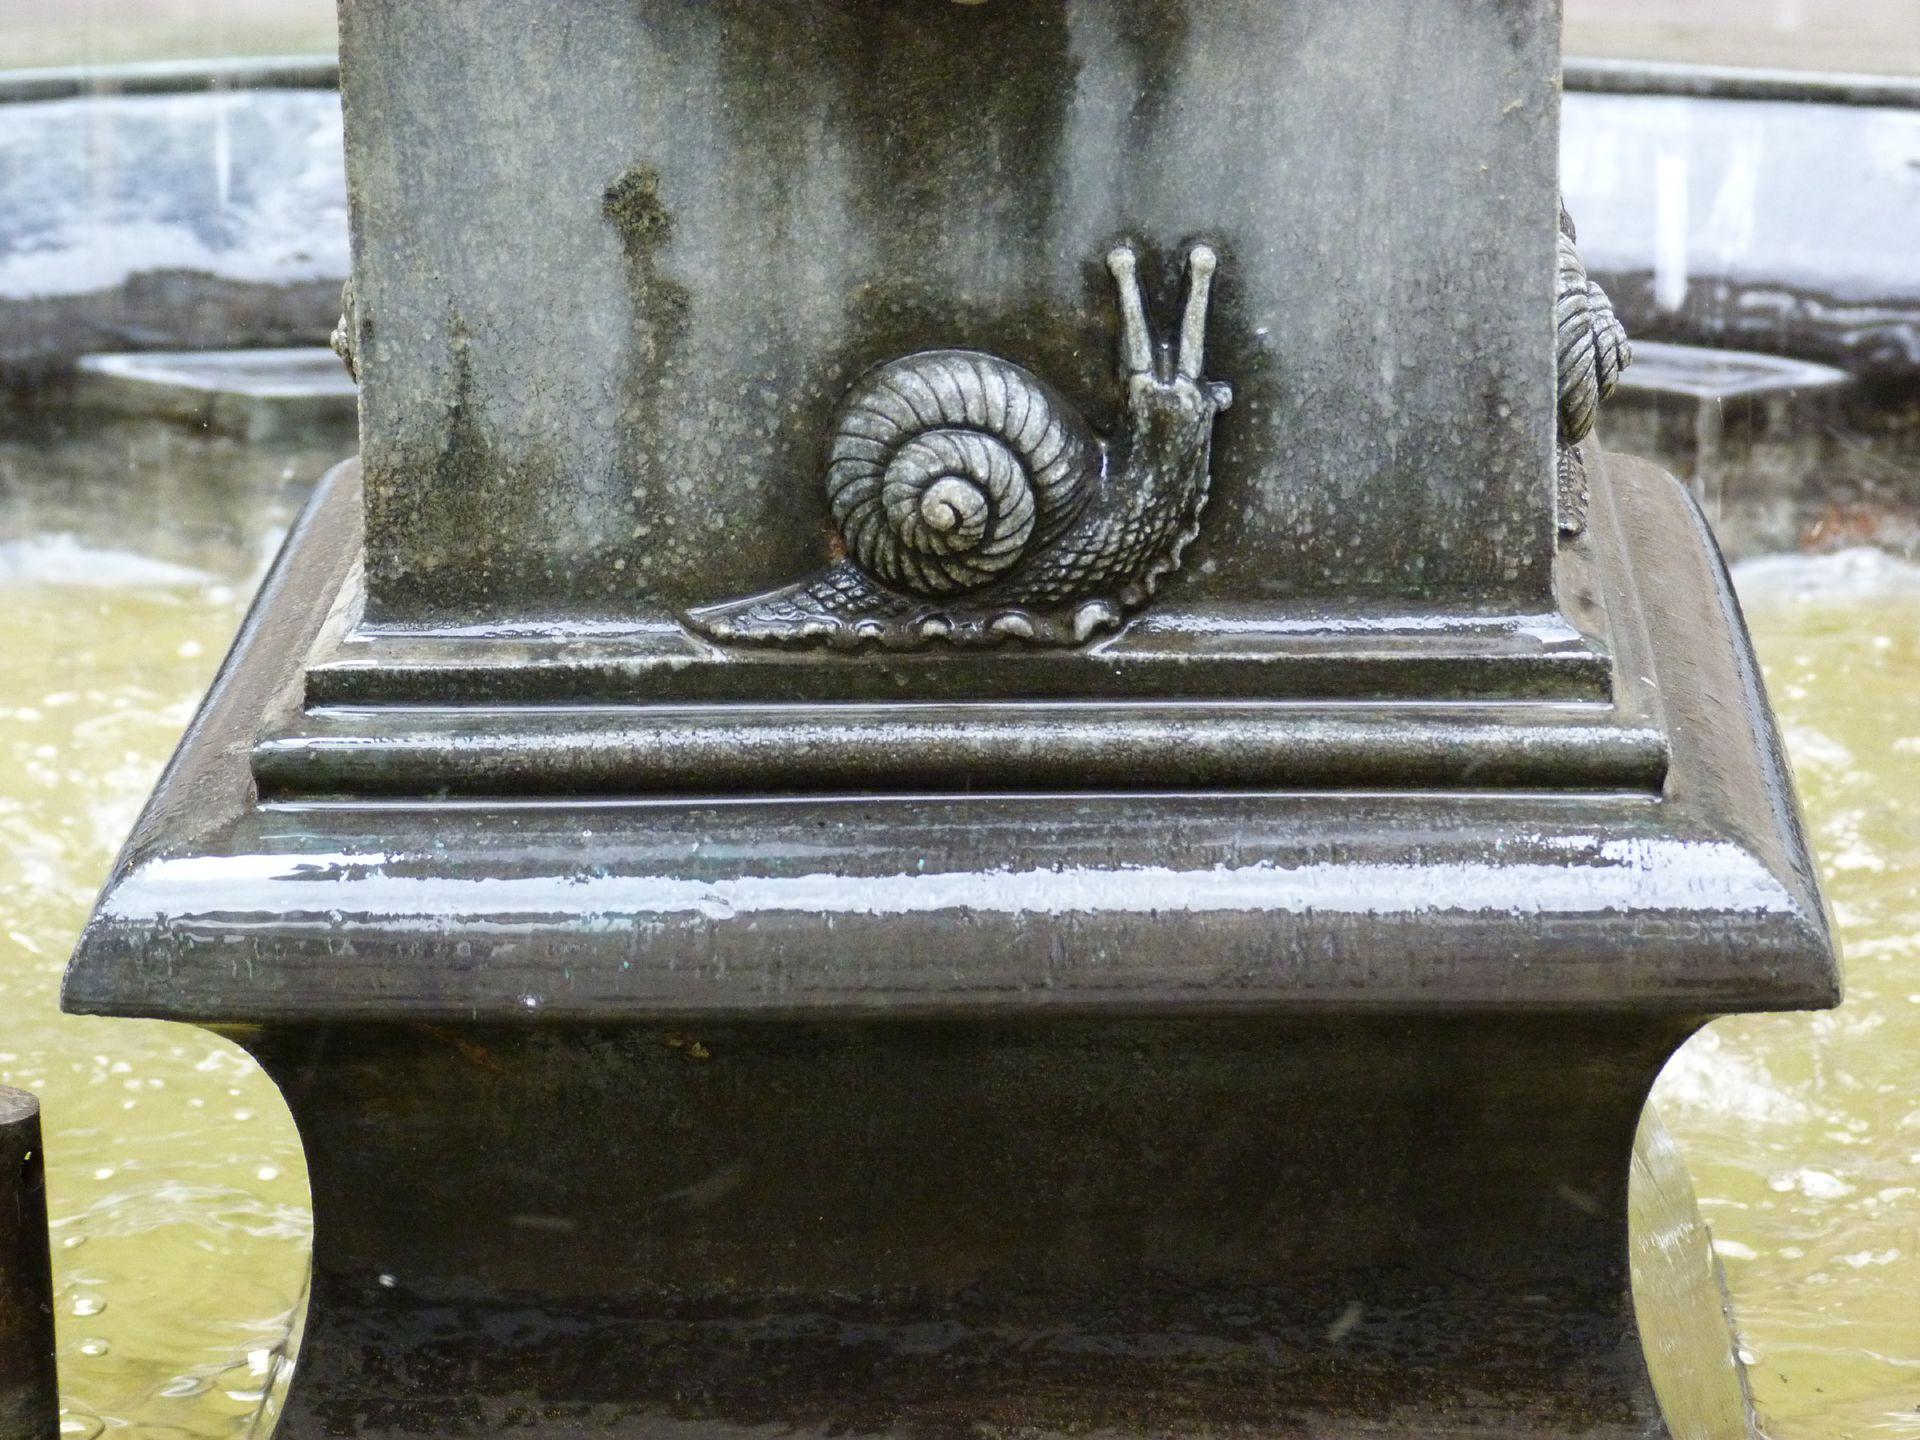 Puttobrunnen Podest mit Schnecke